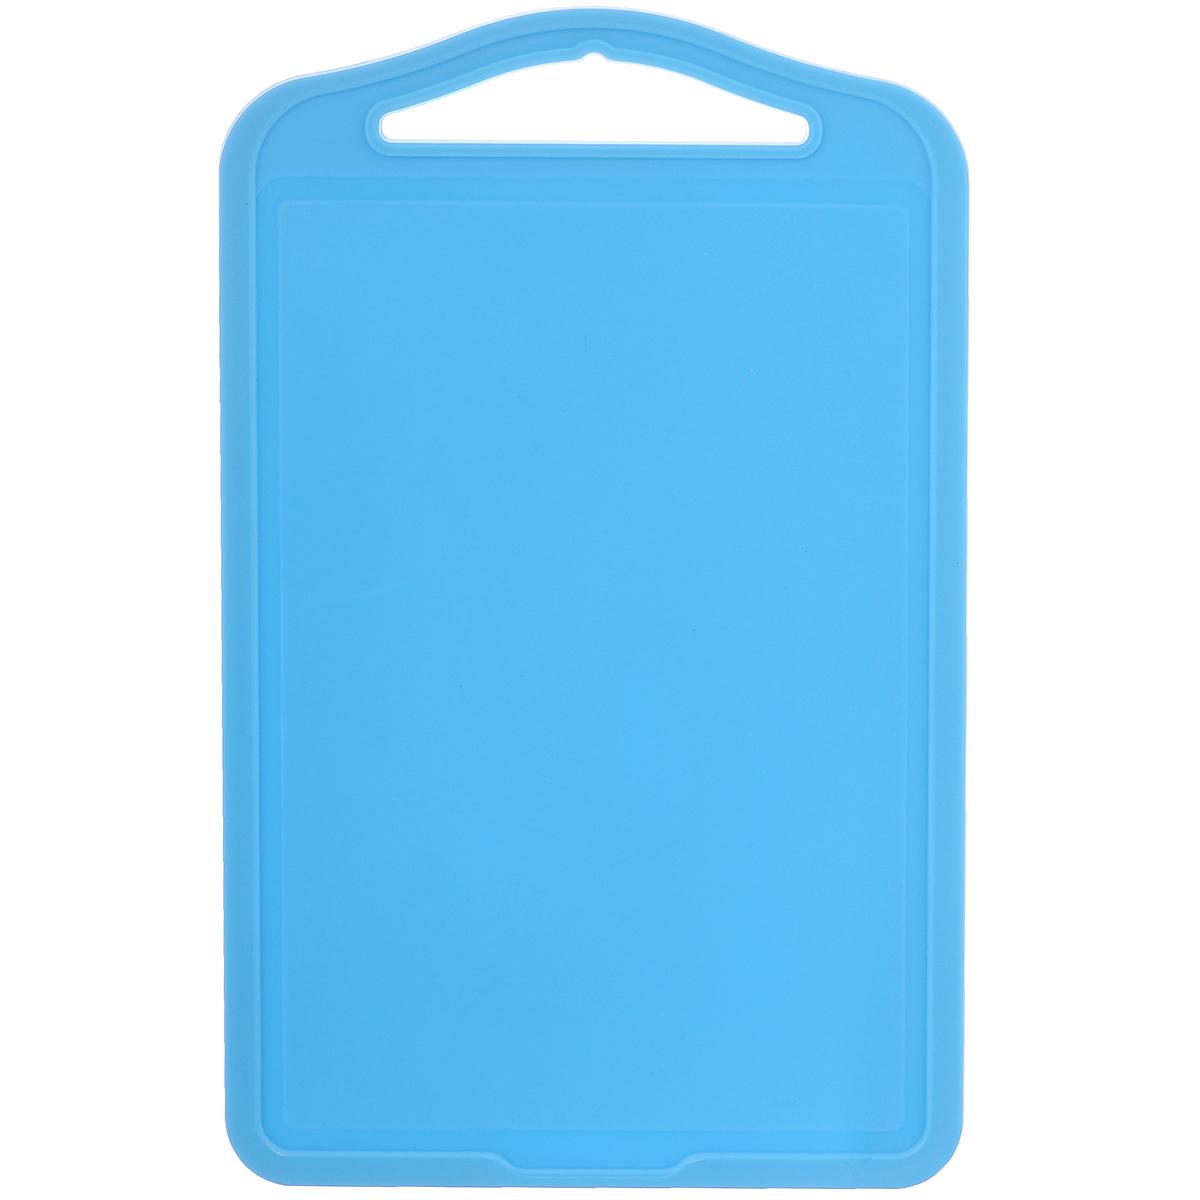 Доска разделочная Dunya Plastik Эко, цвет: голубой, 28 х 17,5 см10821Разделочная доска Dunya Plastik Эко изготовлена из высококачественного пищевого пластика. Доска снабжена желобками для стока жидкости, а также ручкой. При работе на такой доске ножи не будут затупляться, а резать продукты будет легко и комфортно. Отличный кухонный аксессуар, который необходим на каждой кухне.